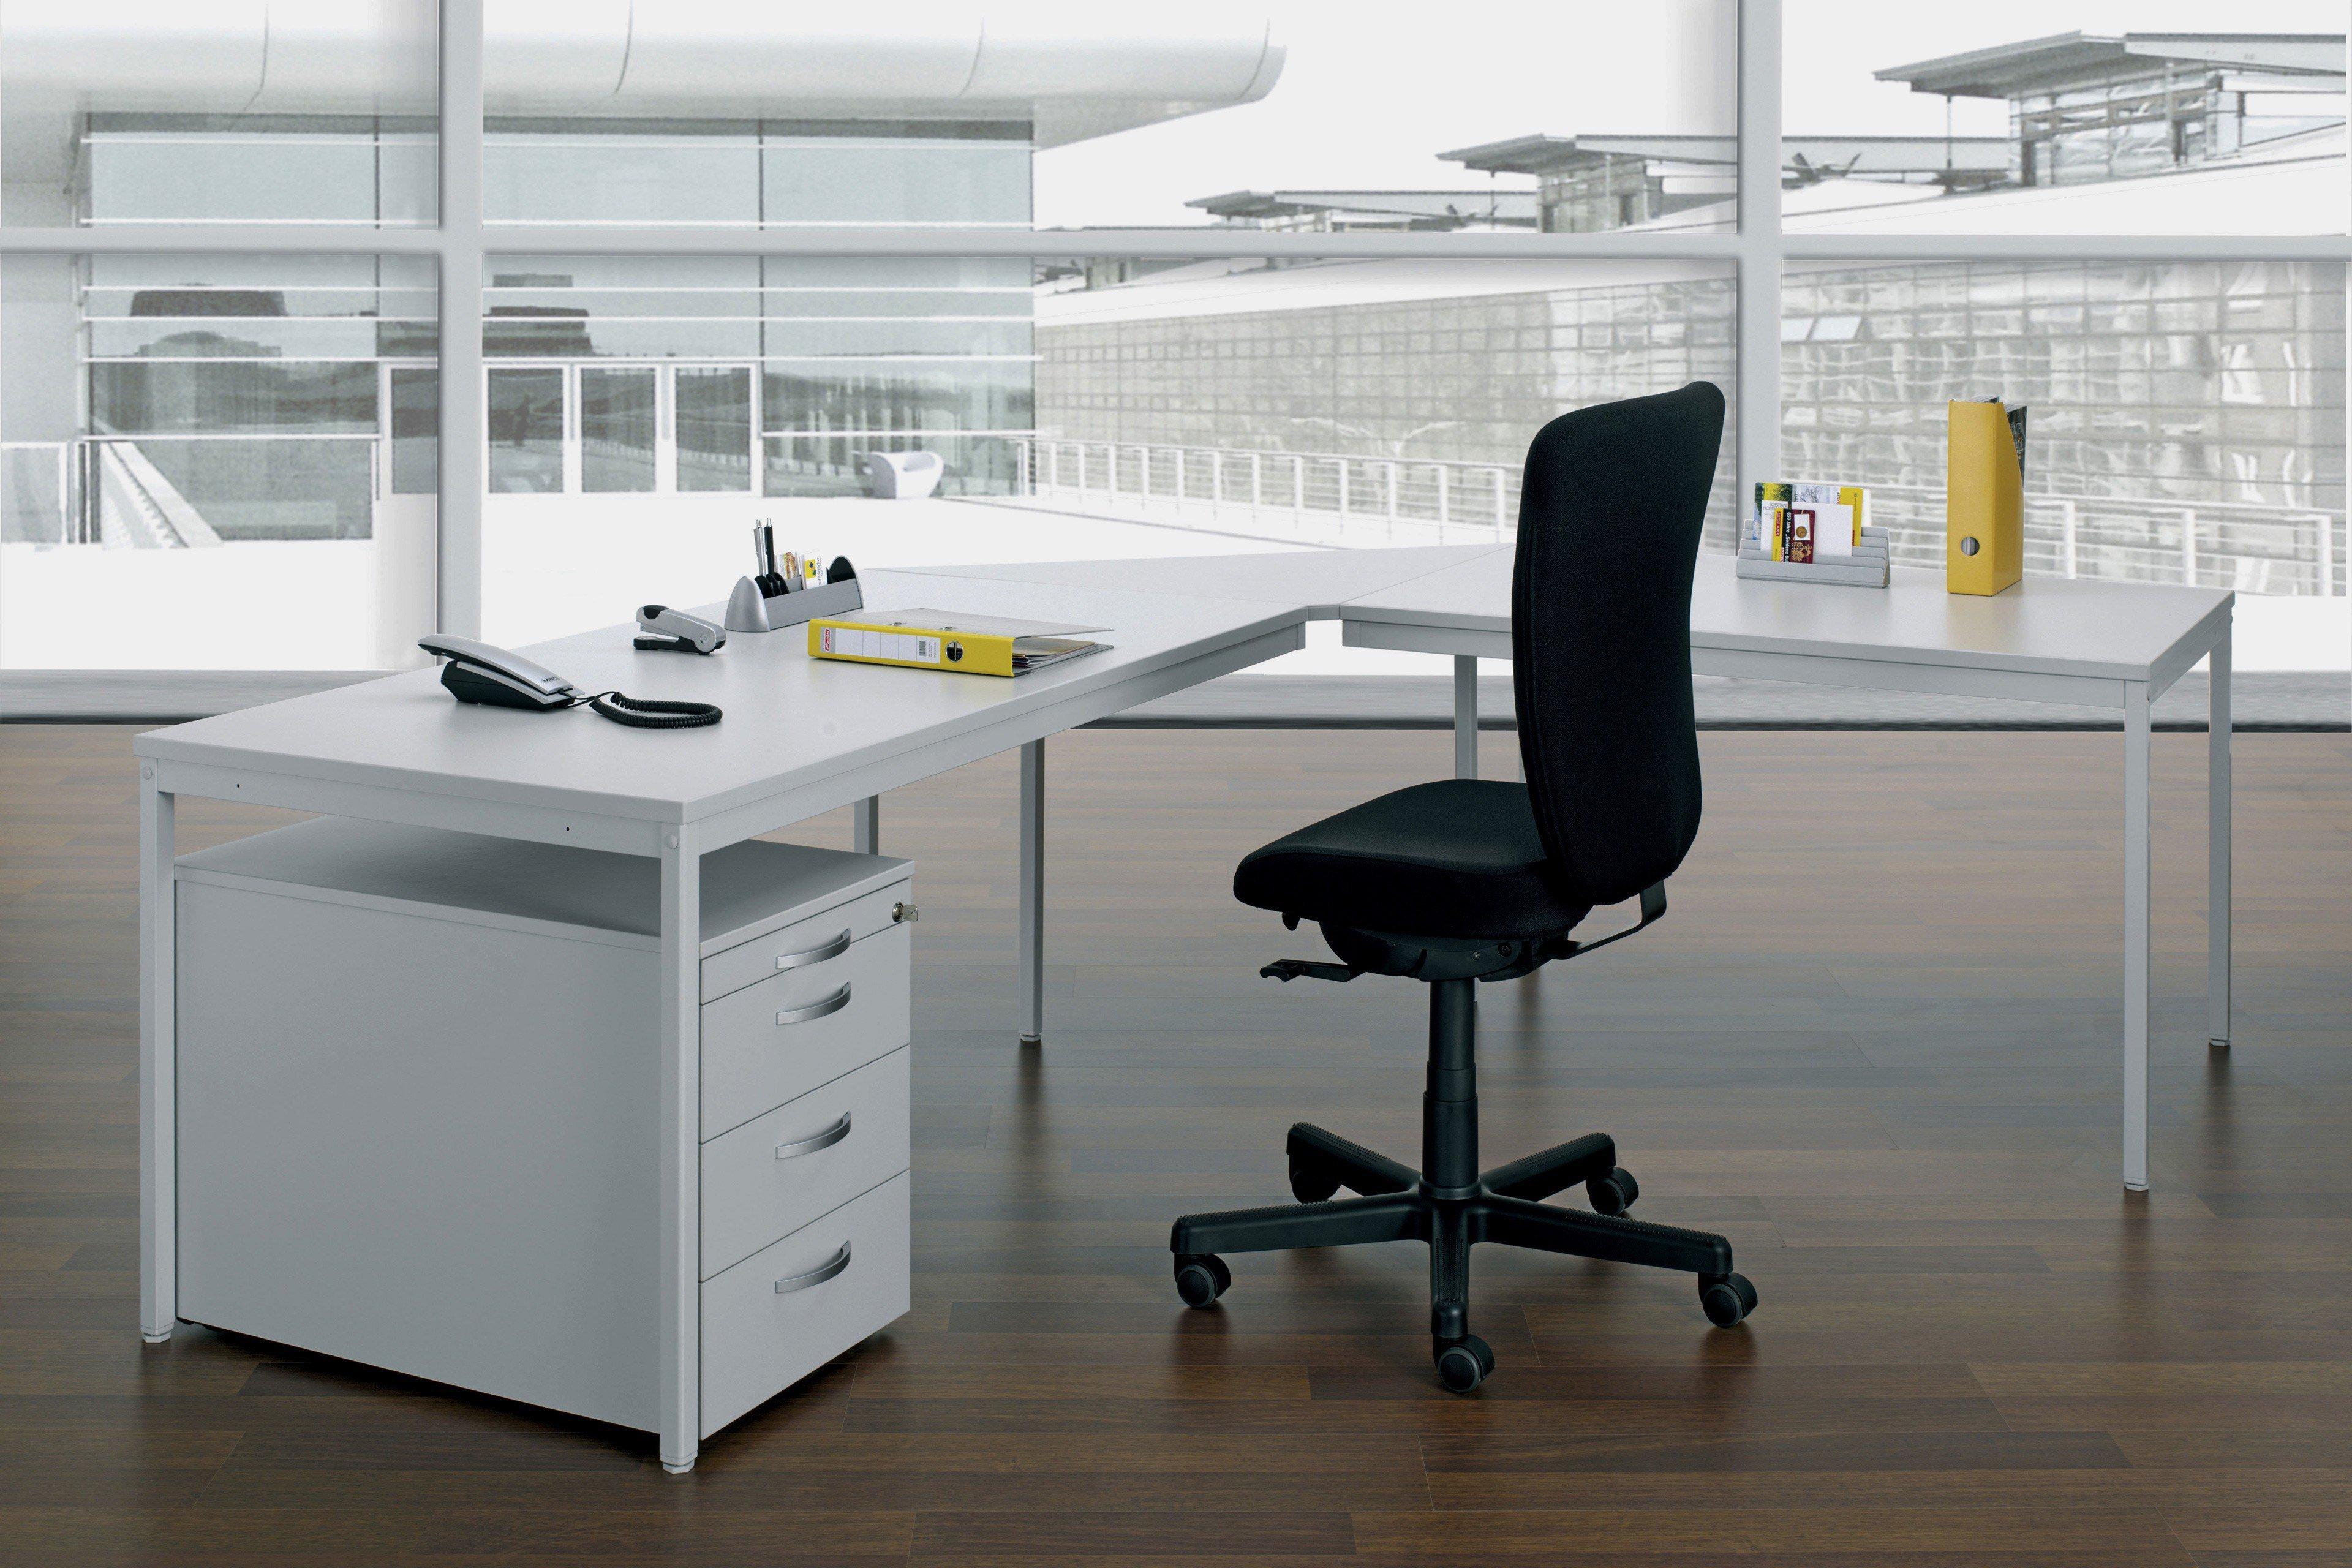 geramöbel Schreibtisch 4 Fuß Eco grau | Möbel Letz - Ihr Online-Shop